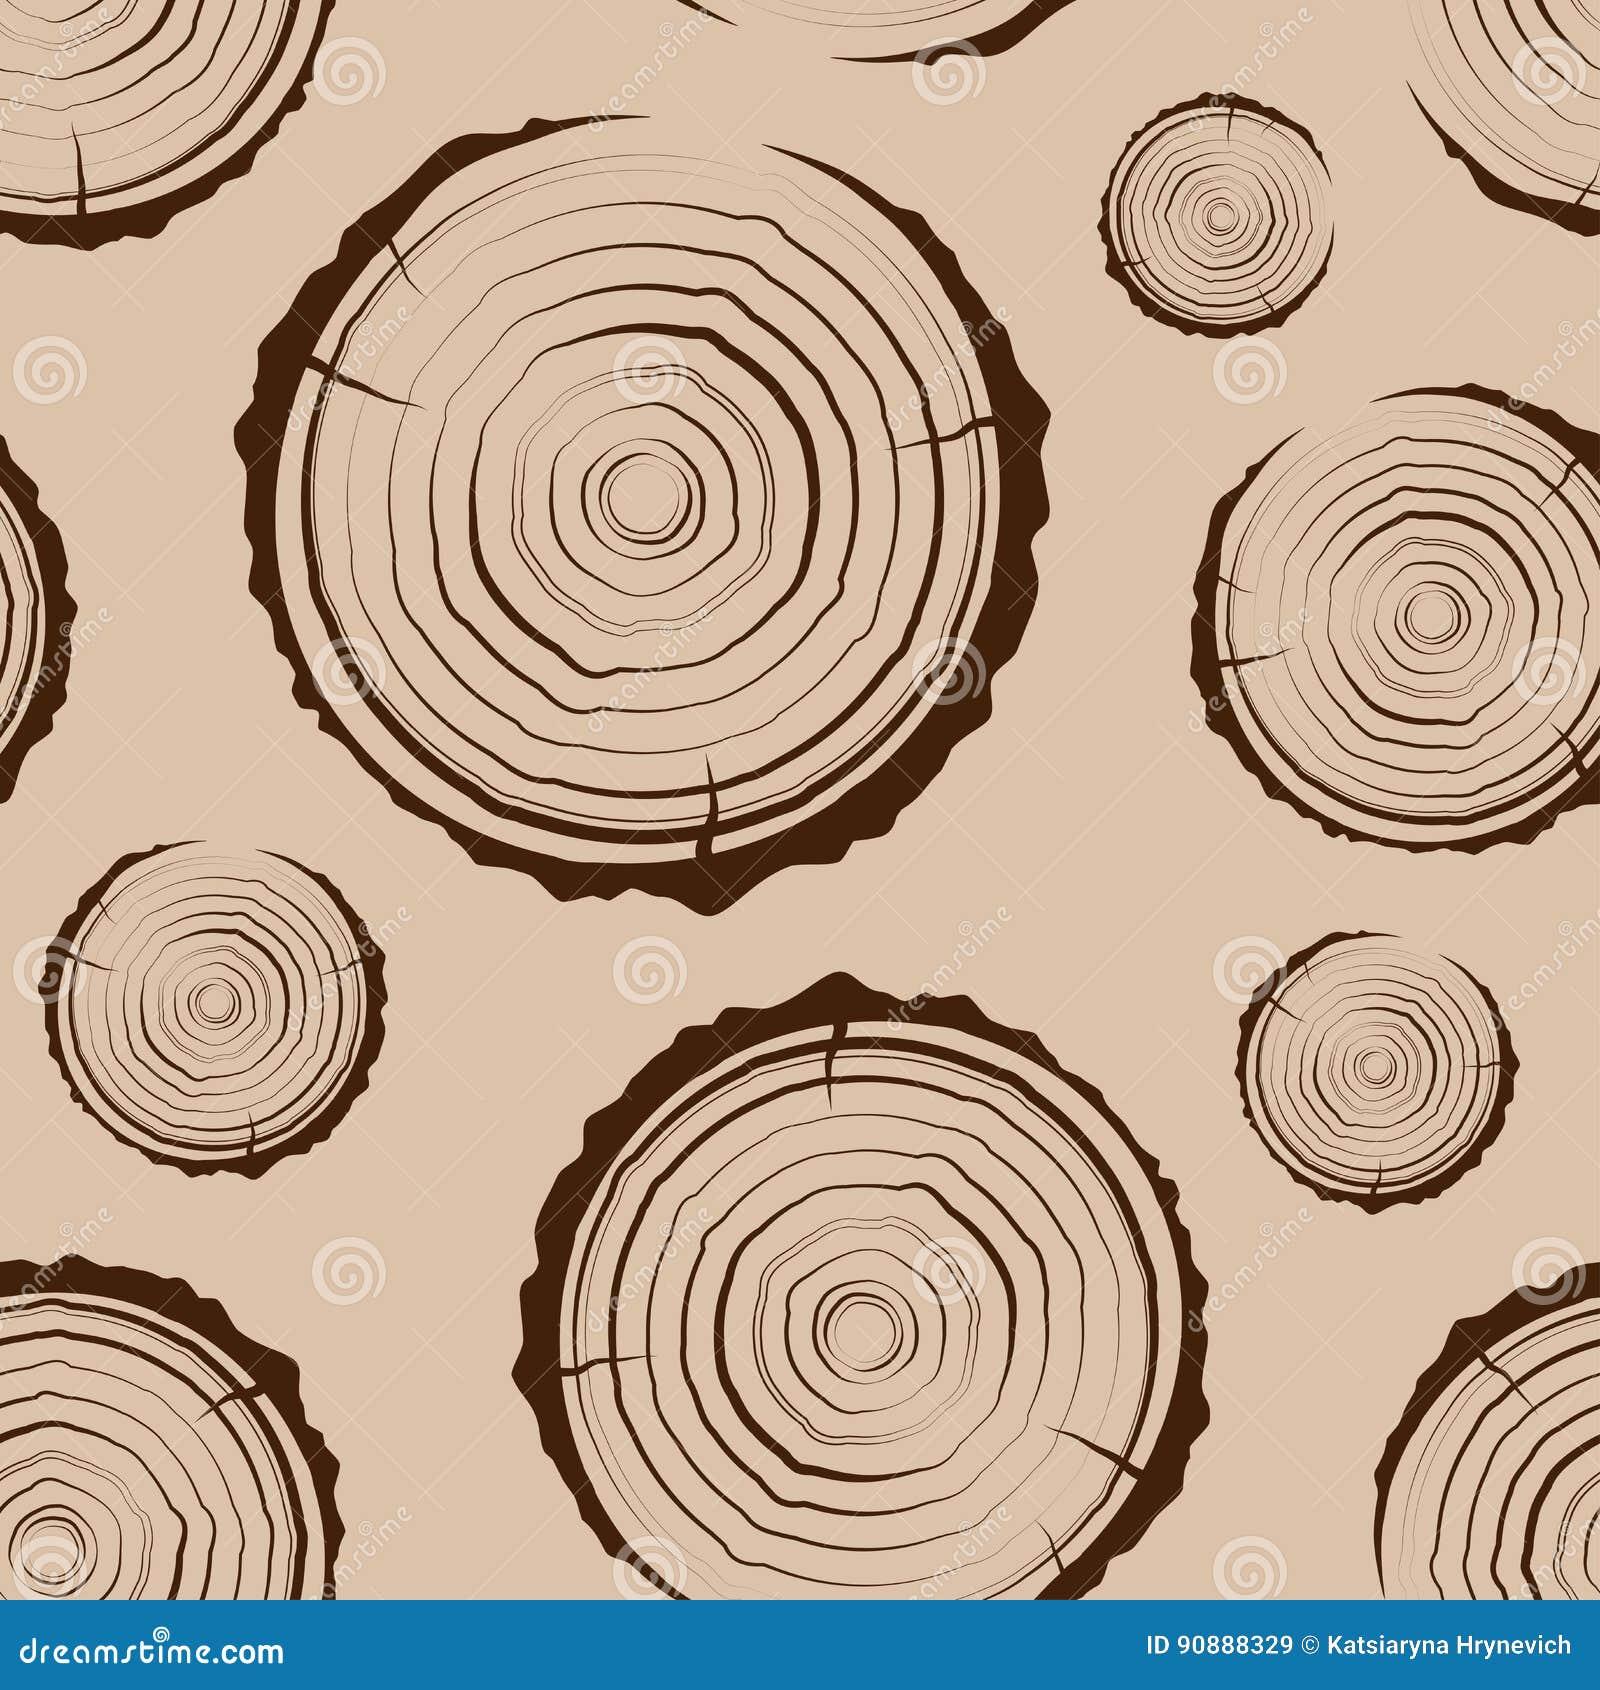 Anillos de árbol inconsútiles La sierra cortó el fondo del tronco de árbol Corte transversal del tronco con los anillos de árbol